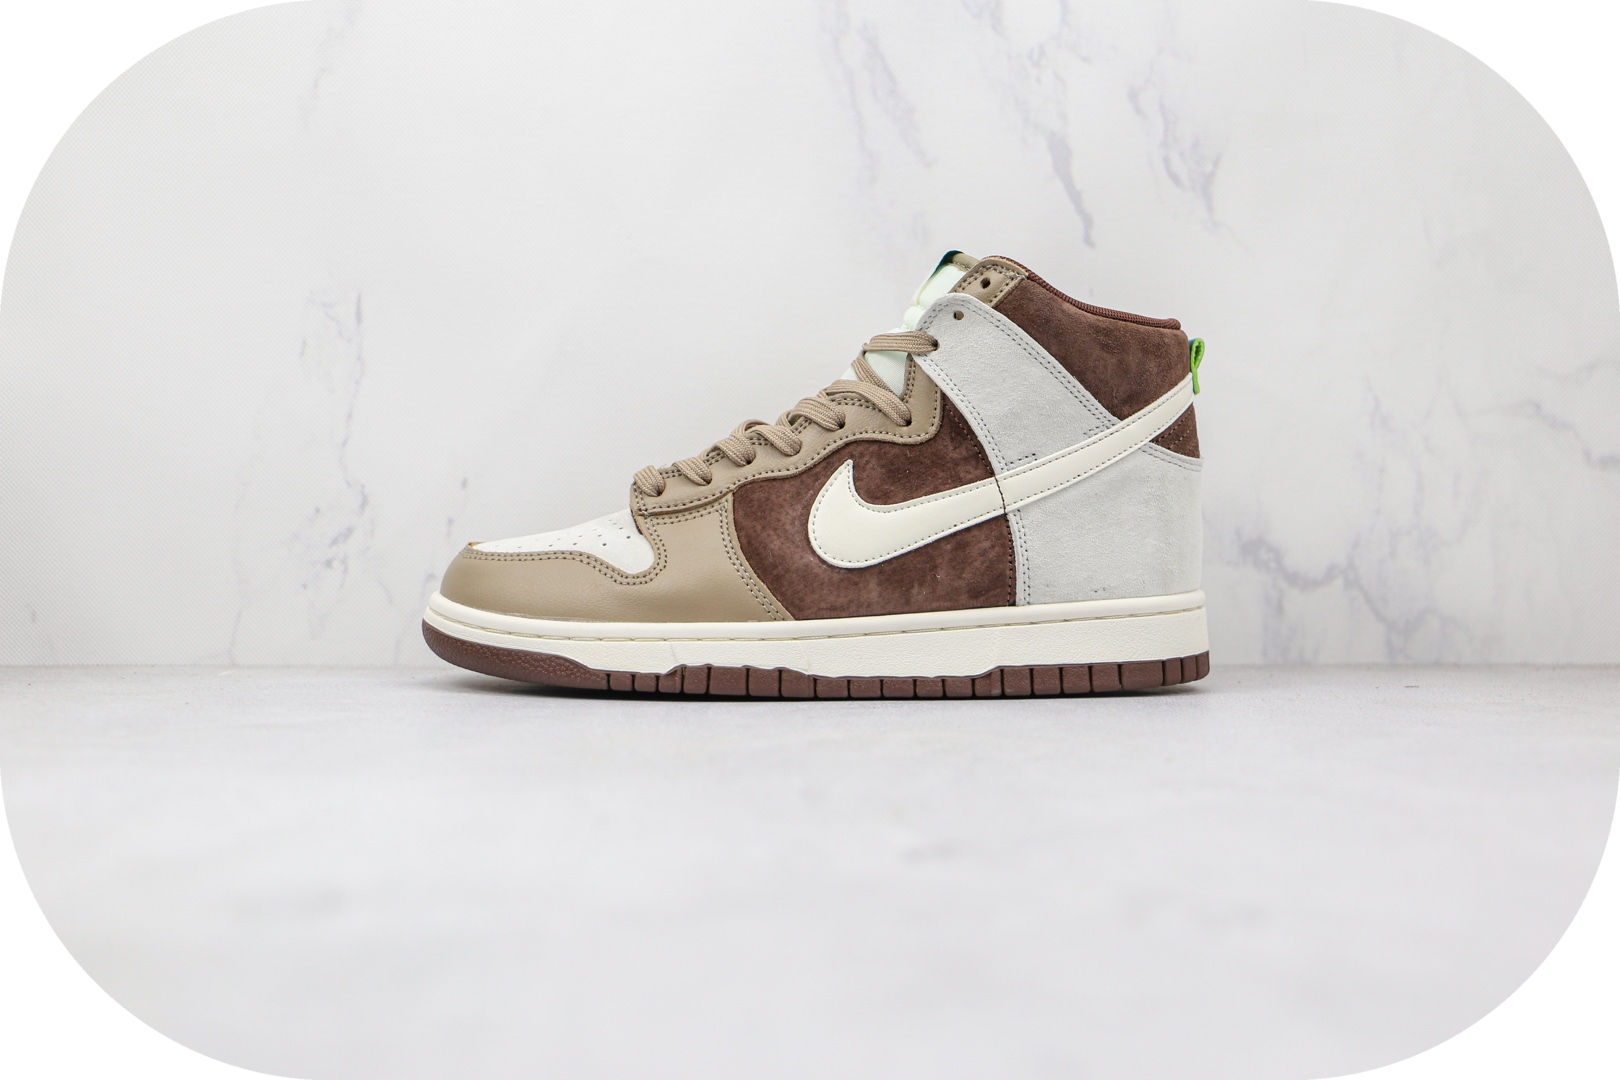 耐克Nike Dunk High Light Chocolate纯原版本高帮DUNK灰褐色巧克力板鞋原楦头纸板打造 货号:DH5348-100